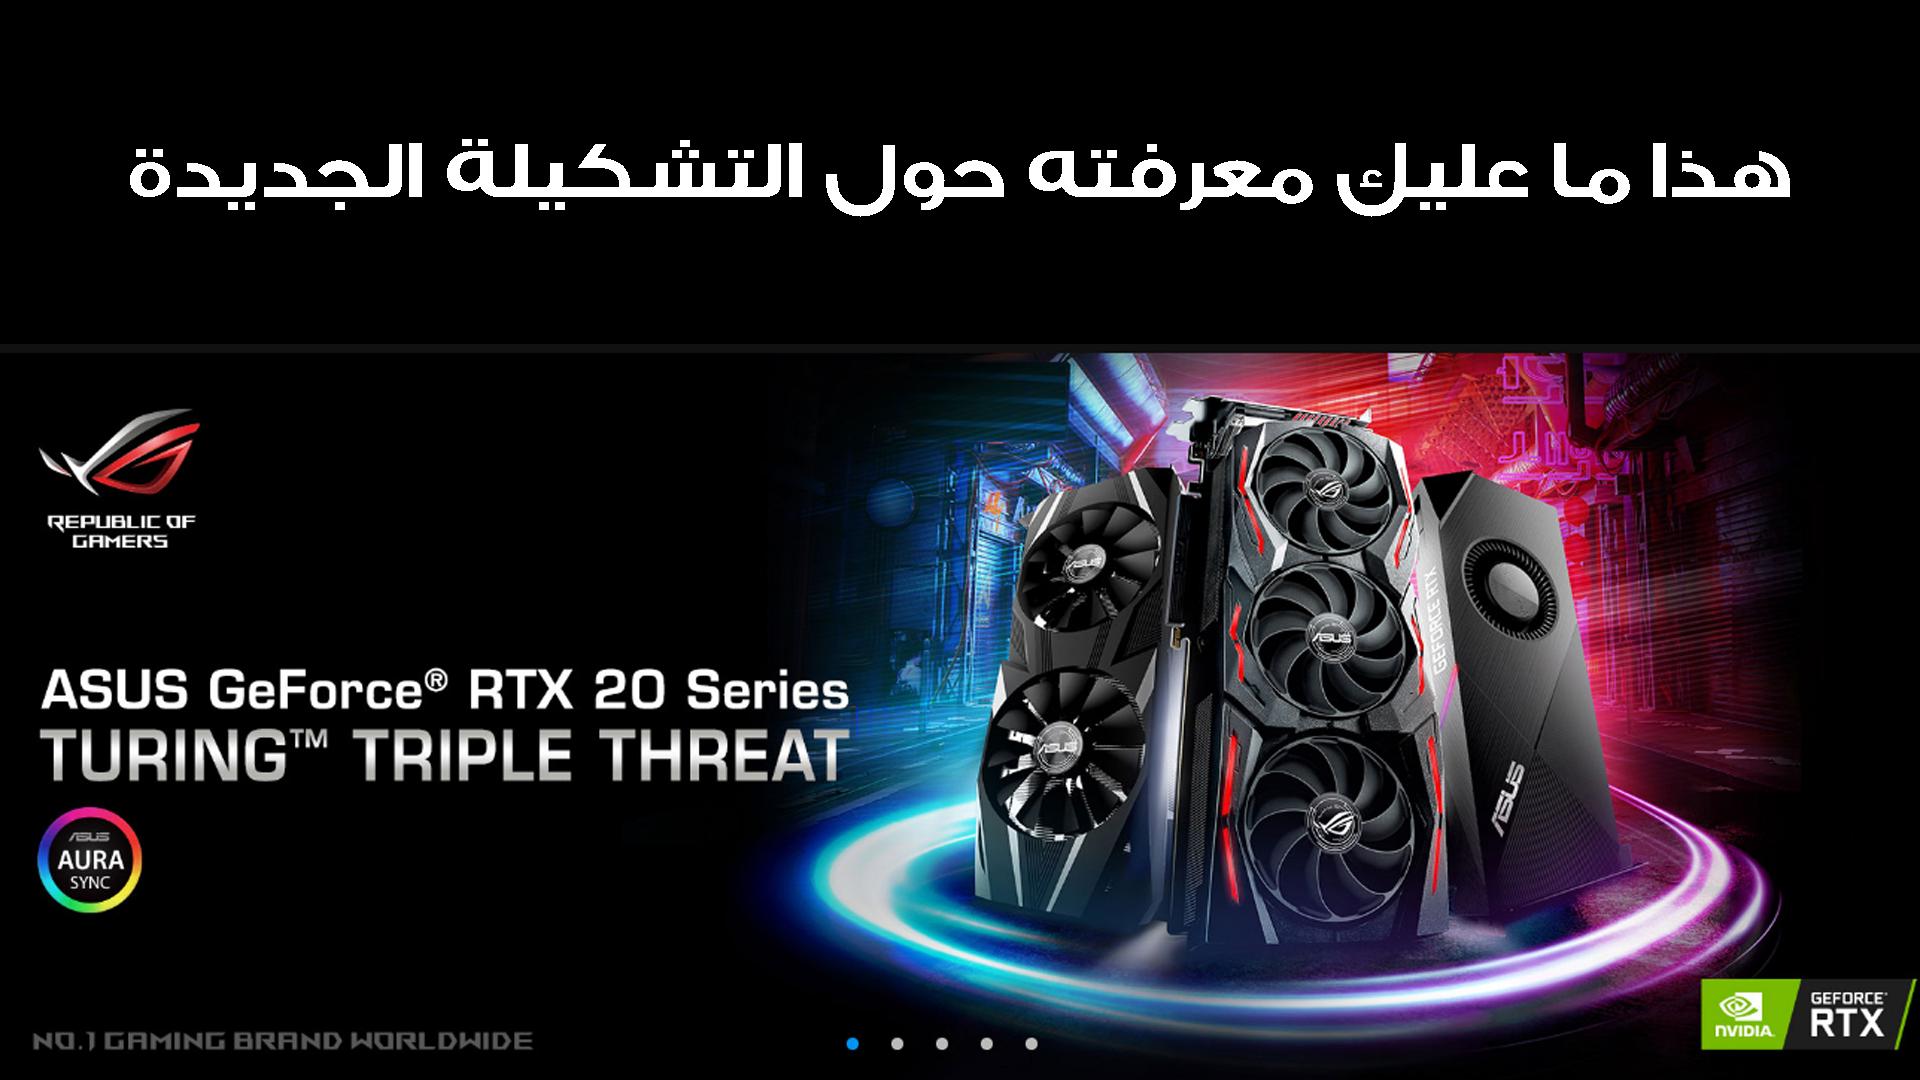 هذا ما تقدمه ASUS مع تشكيلة بطاقات RTX 2000 الجديدة